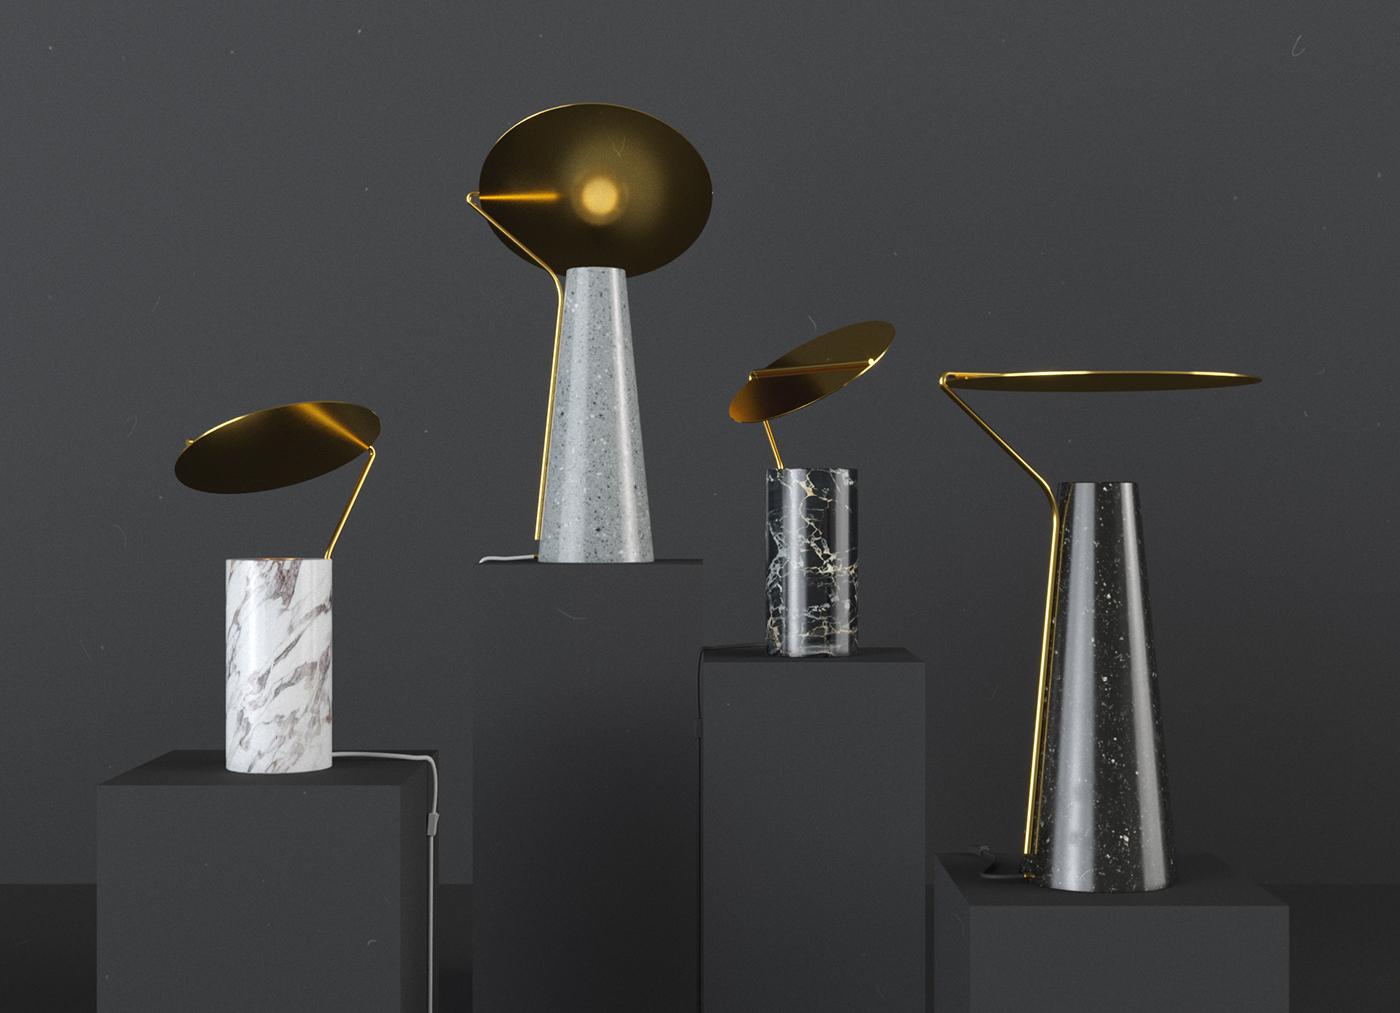 黄铜与大理石的结合,flo灯具设计-格物者-工业设计源